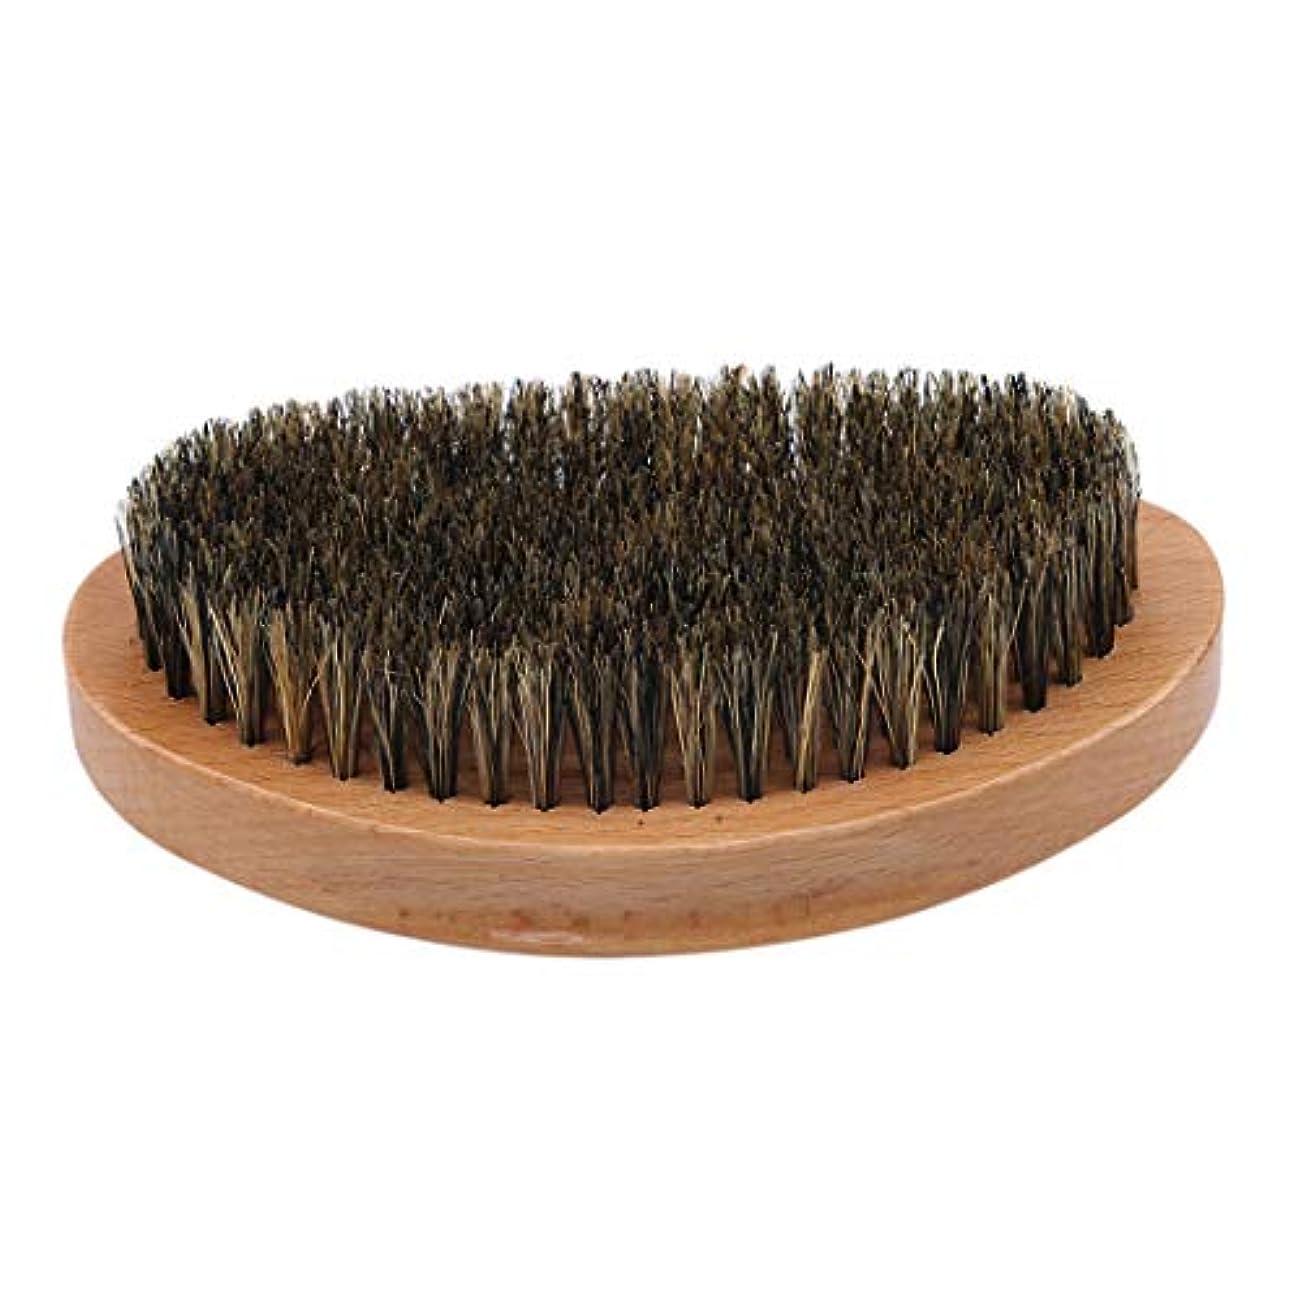 ルーチン争い消費するKLUMA ひげブラシ シェービングブラシ 髭剃り 毛髭ブラシ 泡立ち 理容 美容ツール 旅行用 1#